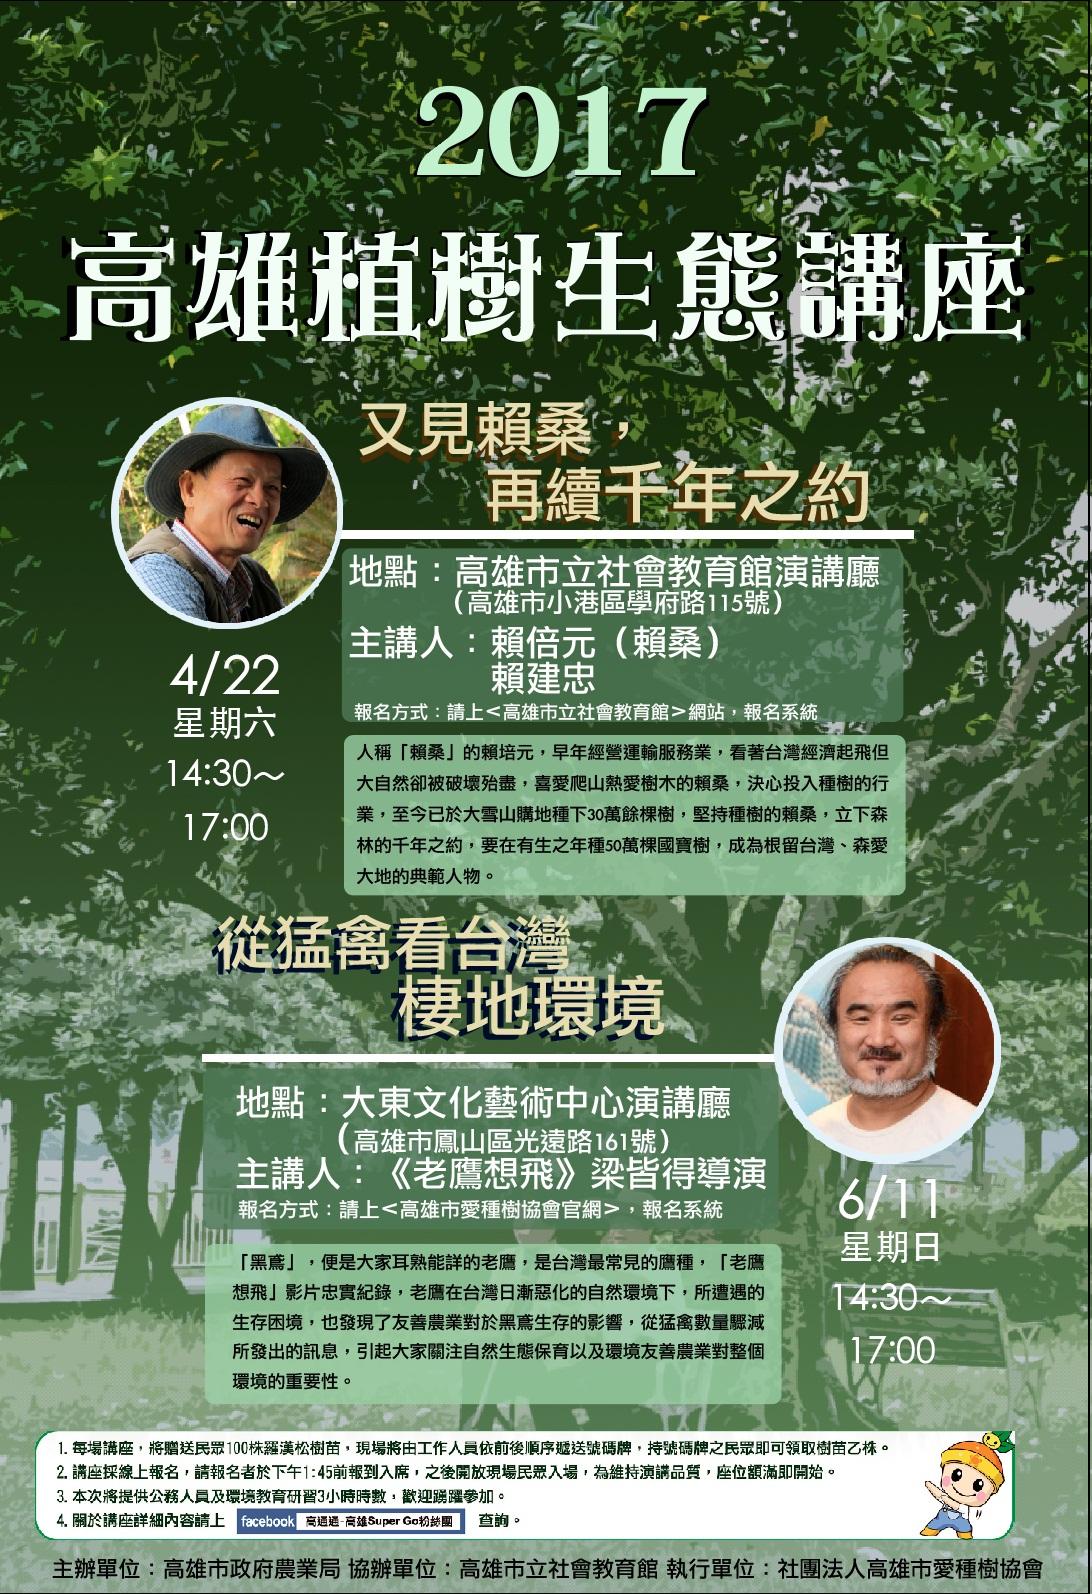 社教館2017高雄植樹生態講座:「又見賴桑,再續千年之約」、「從猛禽看台灣棲地環境」